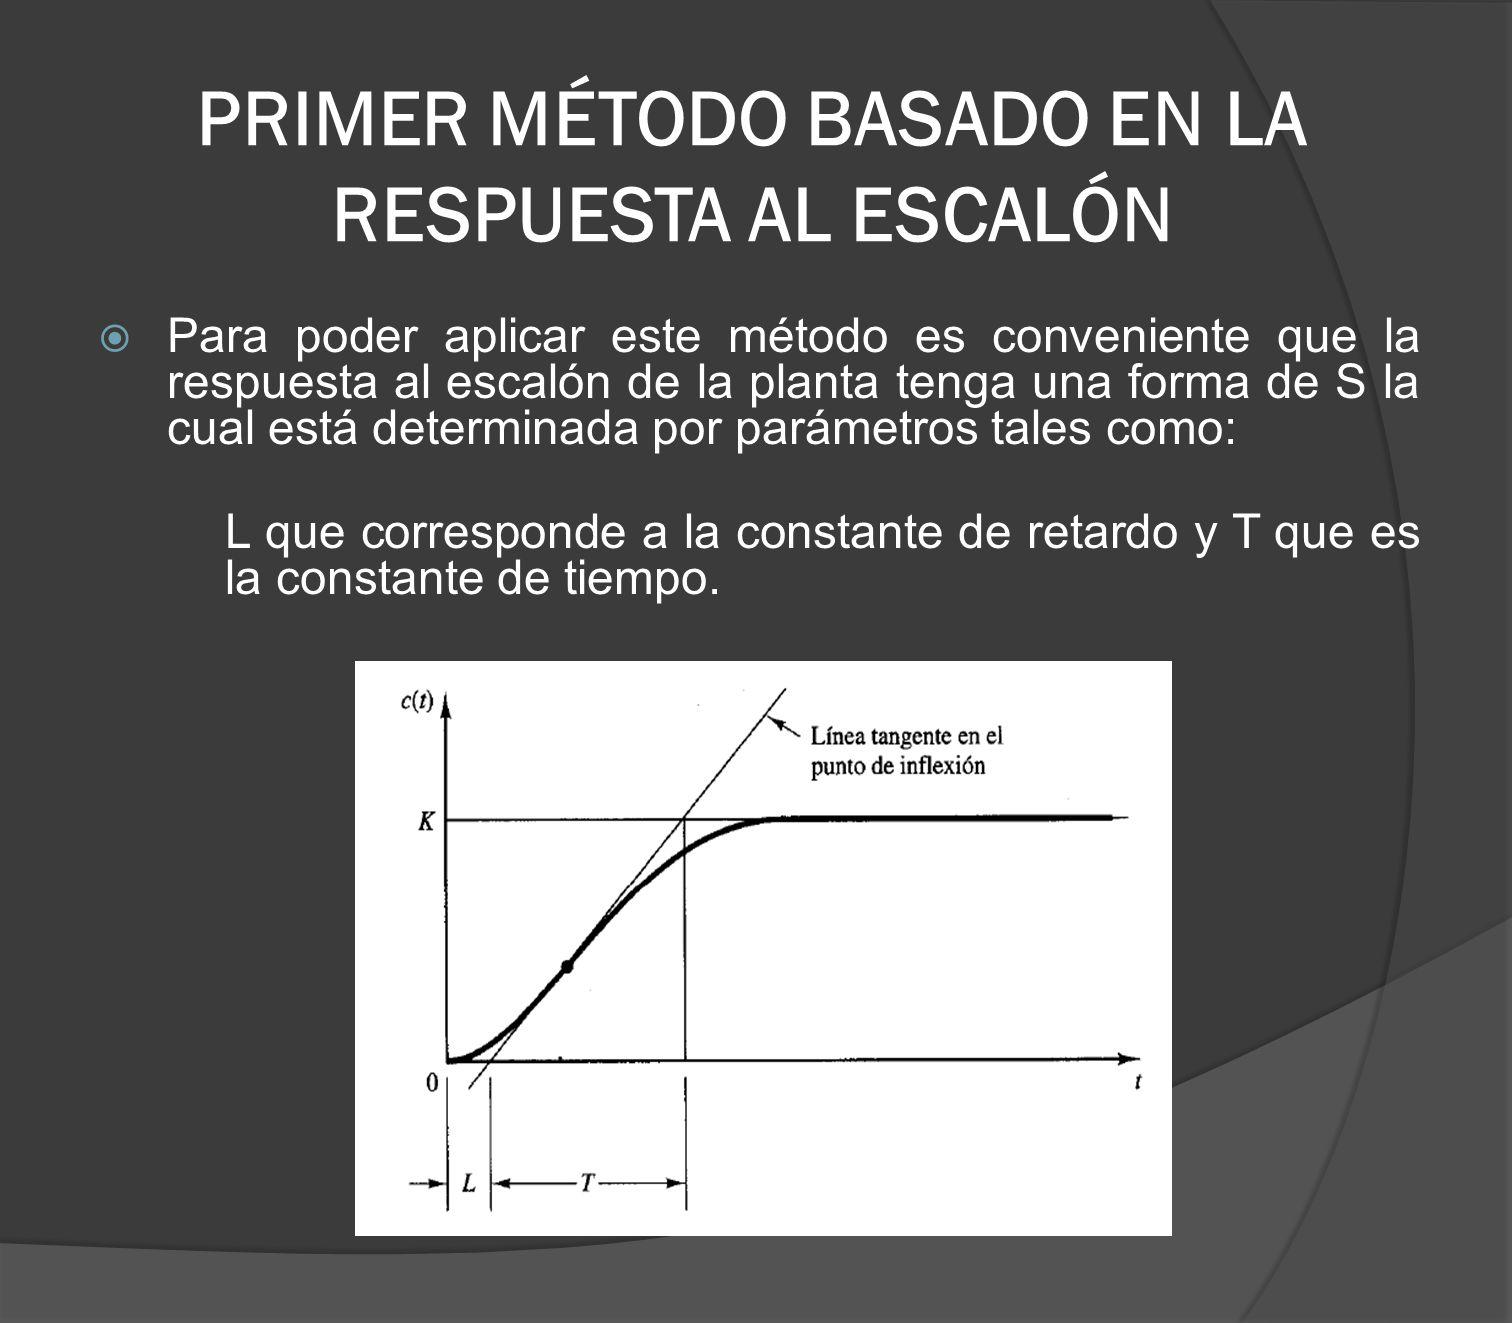 PRIMER MÉTODO BASADO EN LA RESPUESTA AL ESCALÓN